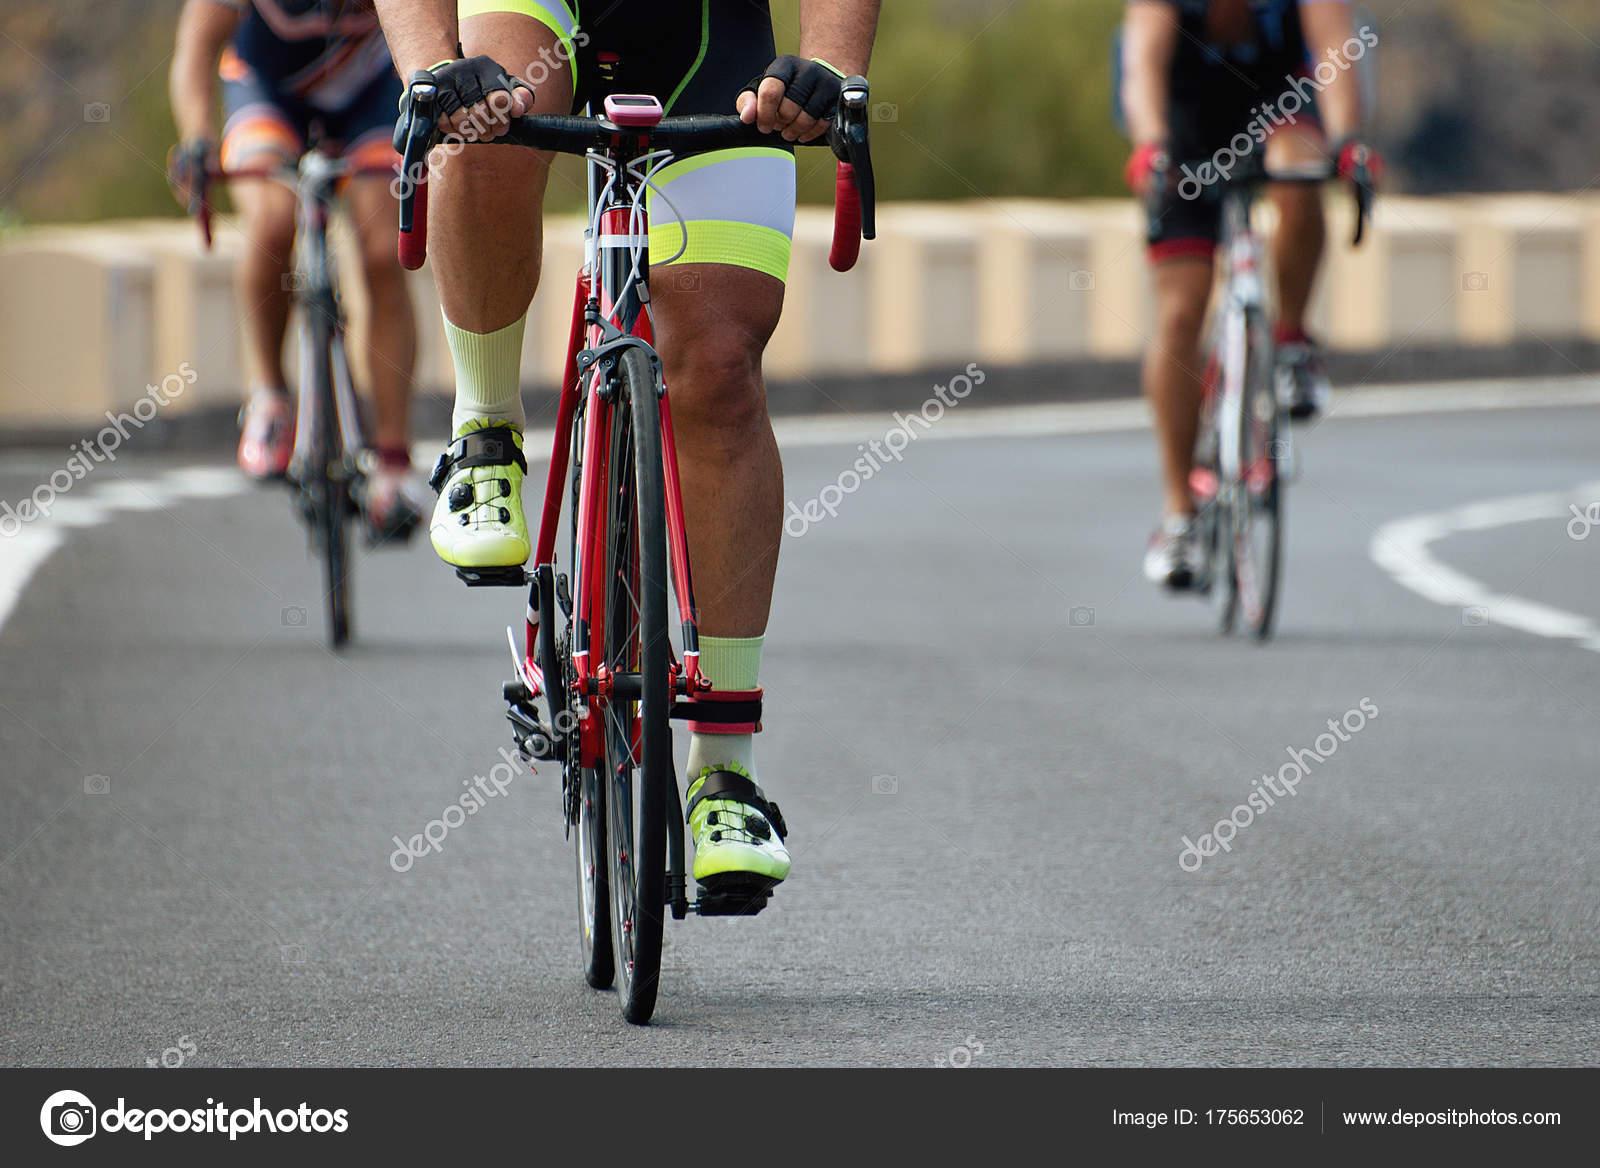 precio al por mayor 2019 profesional distribuidor mayorista Ciclismo Competición Atletas Ciclista Montando Una Carrera ...